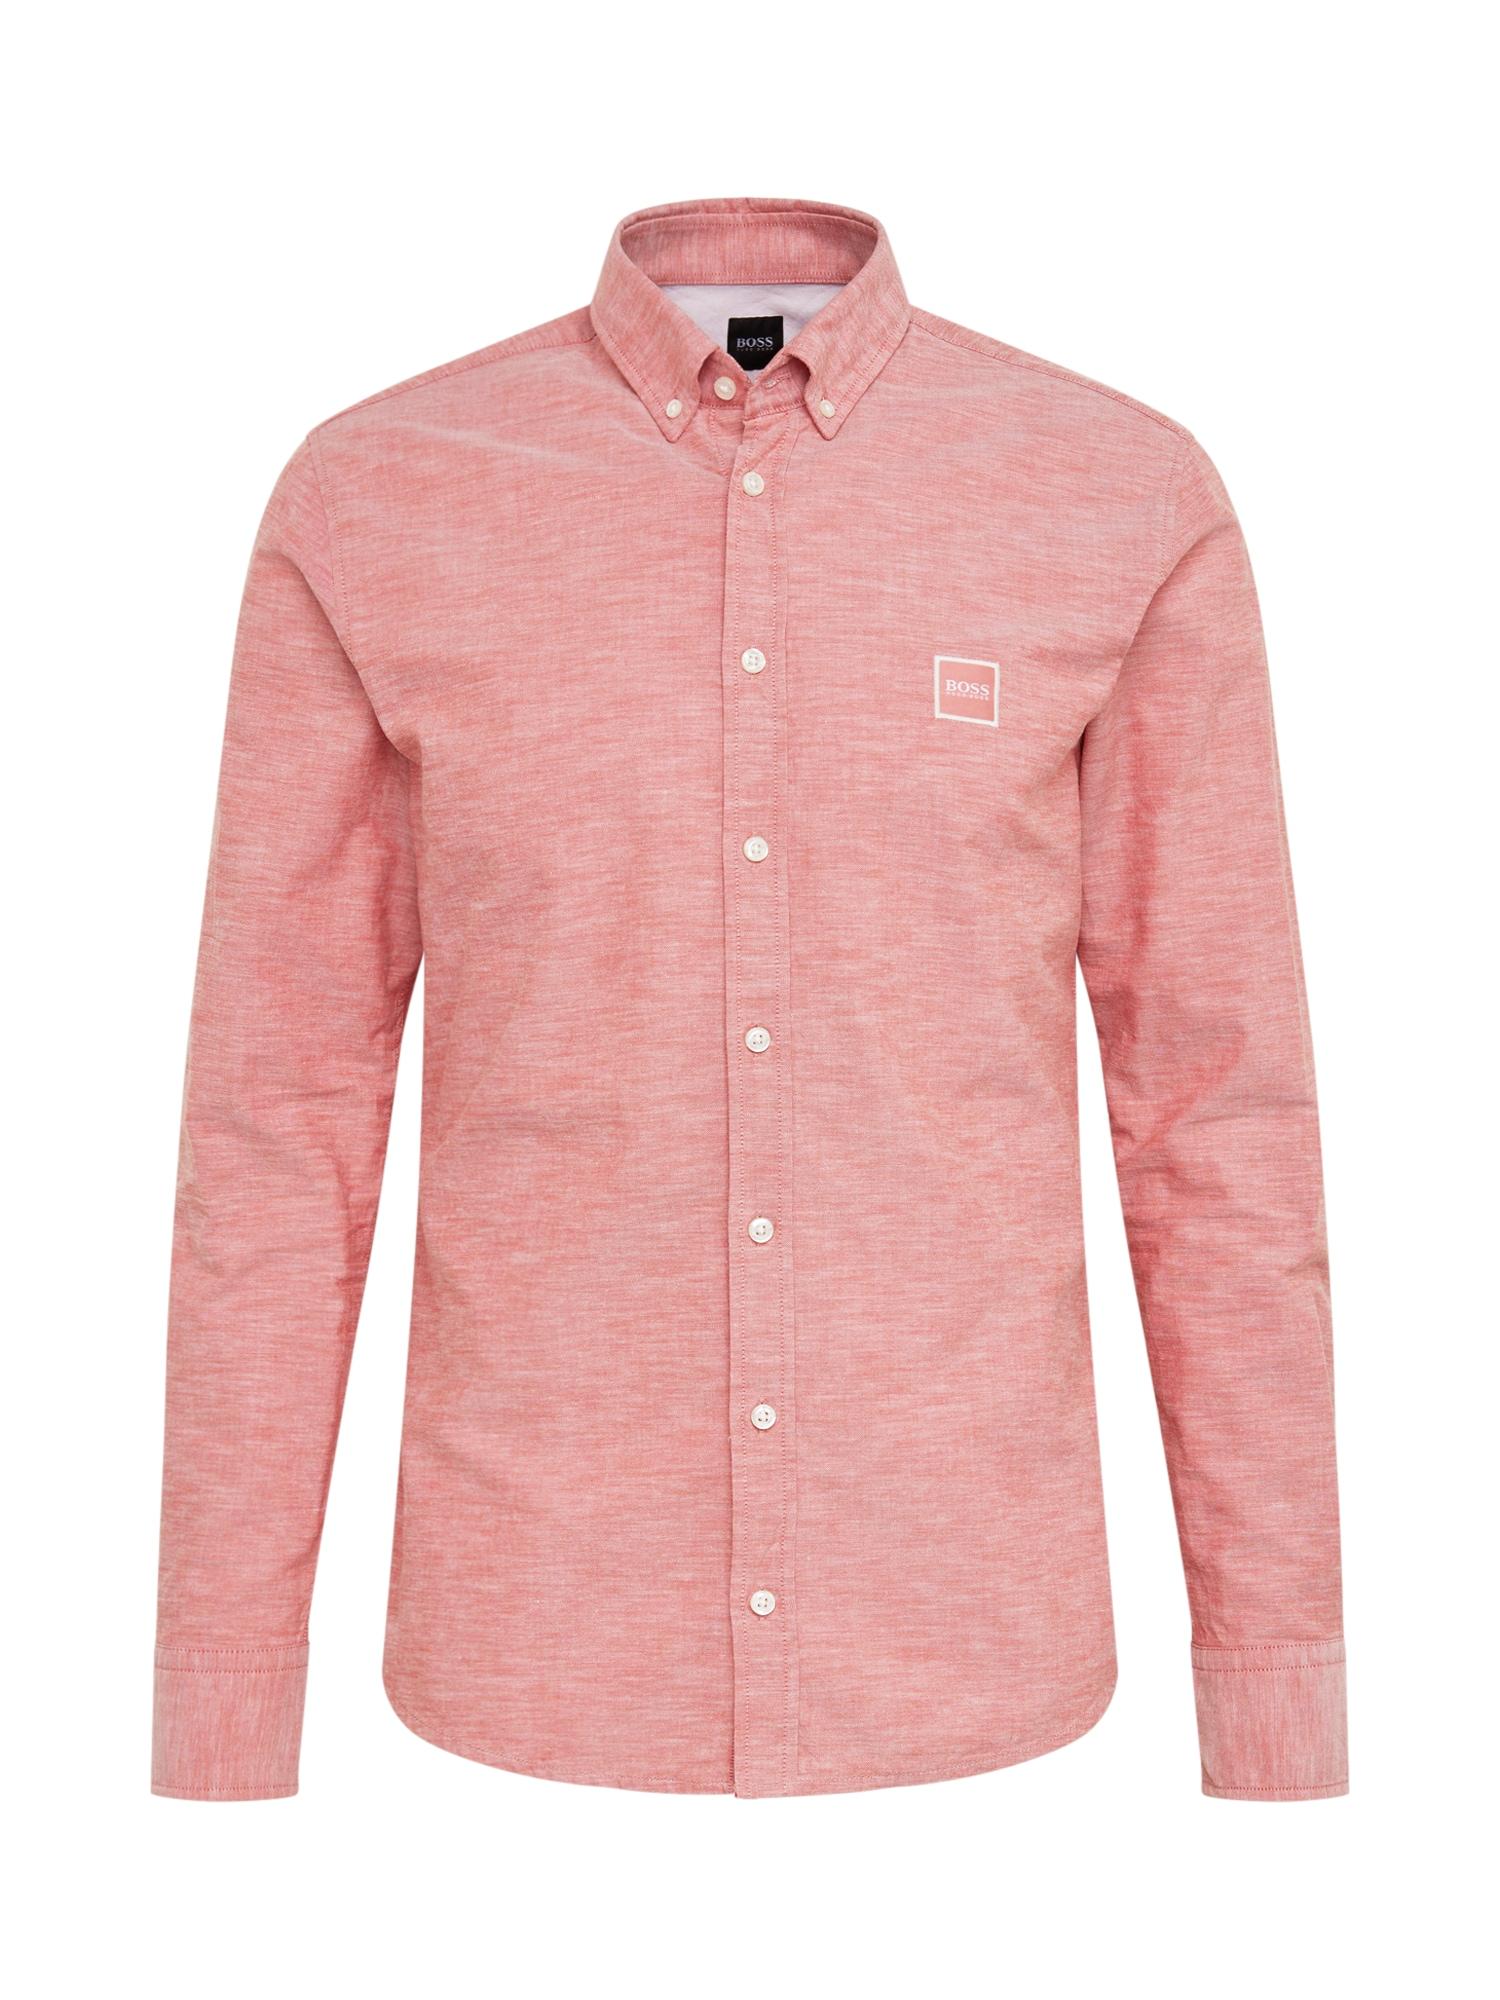 BOSS Dalykiniai marškiniai 'Mabsoot' raudona